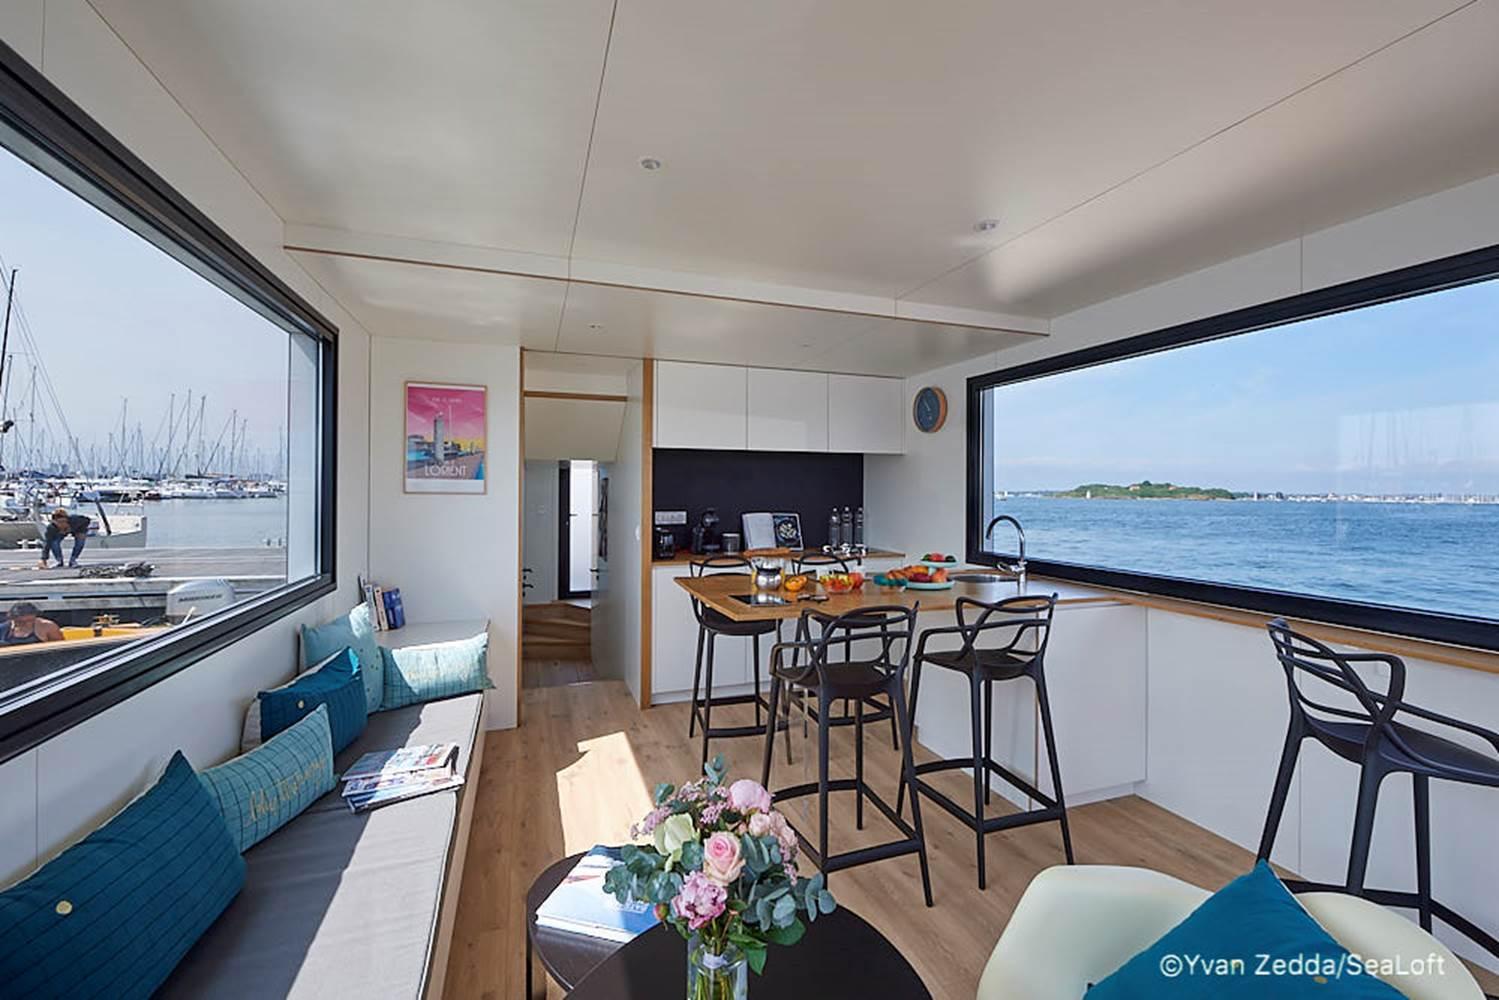 cabine 3 personnes - Lodge boat Lorient ©